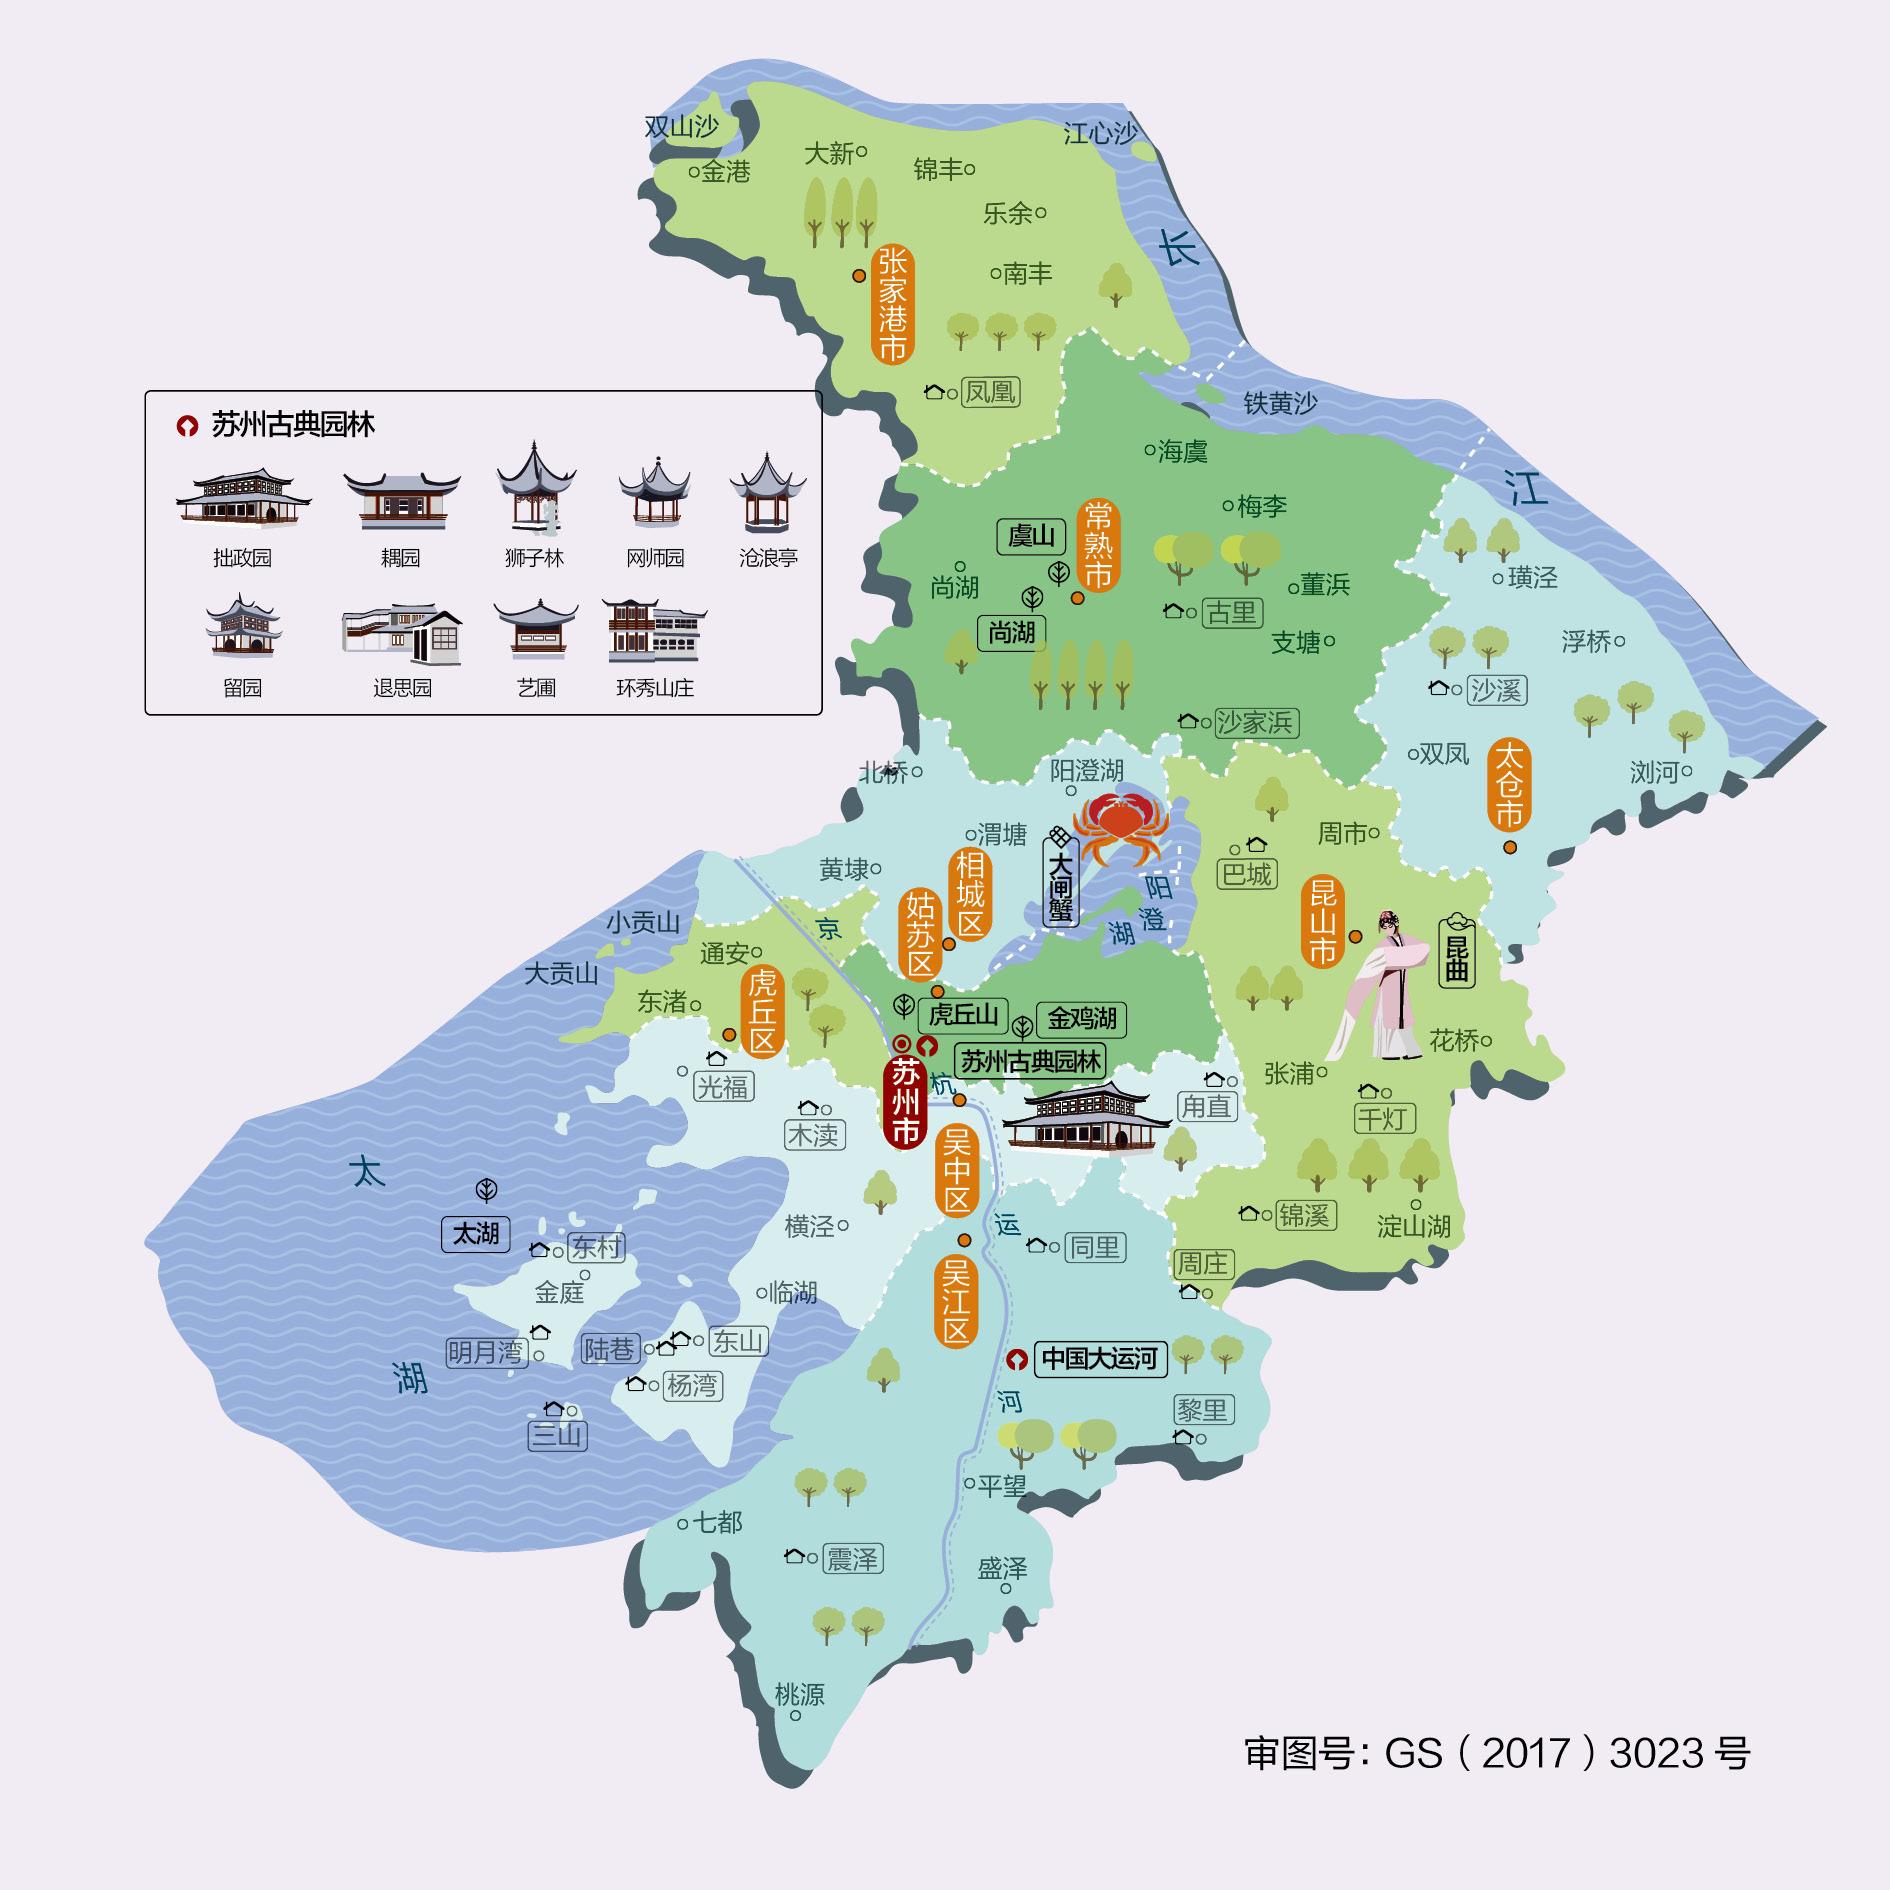 江苏地级市比西部经济总量_江苏地级市区划图